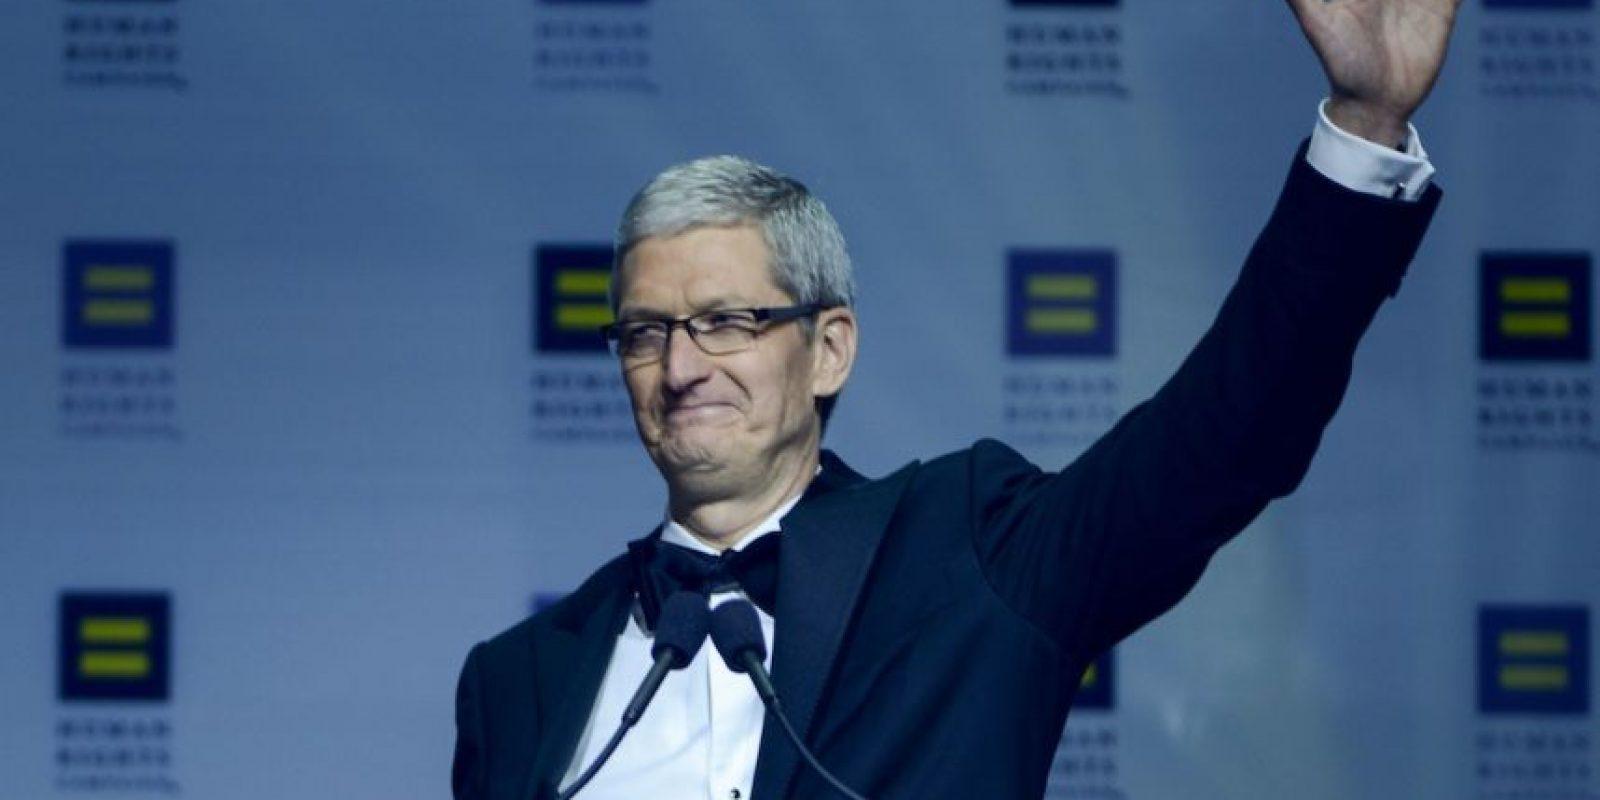 Lo hizo, aseguró, para ayudar a los jóvenes que tengan la misma orientación sexual. Foto:Getty Images